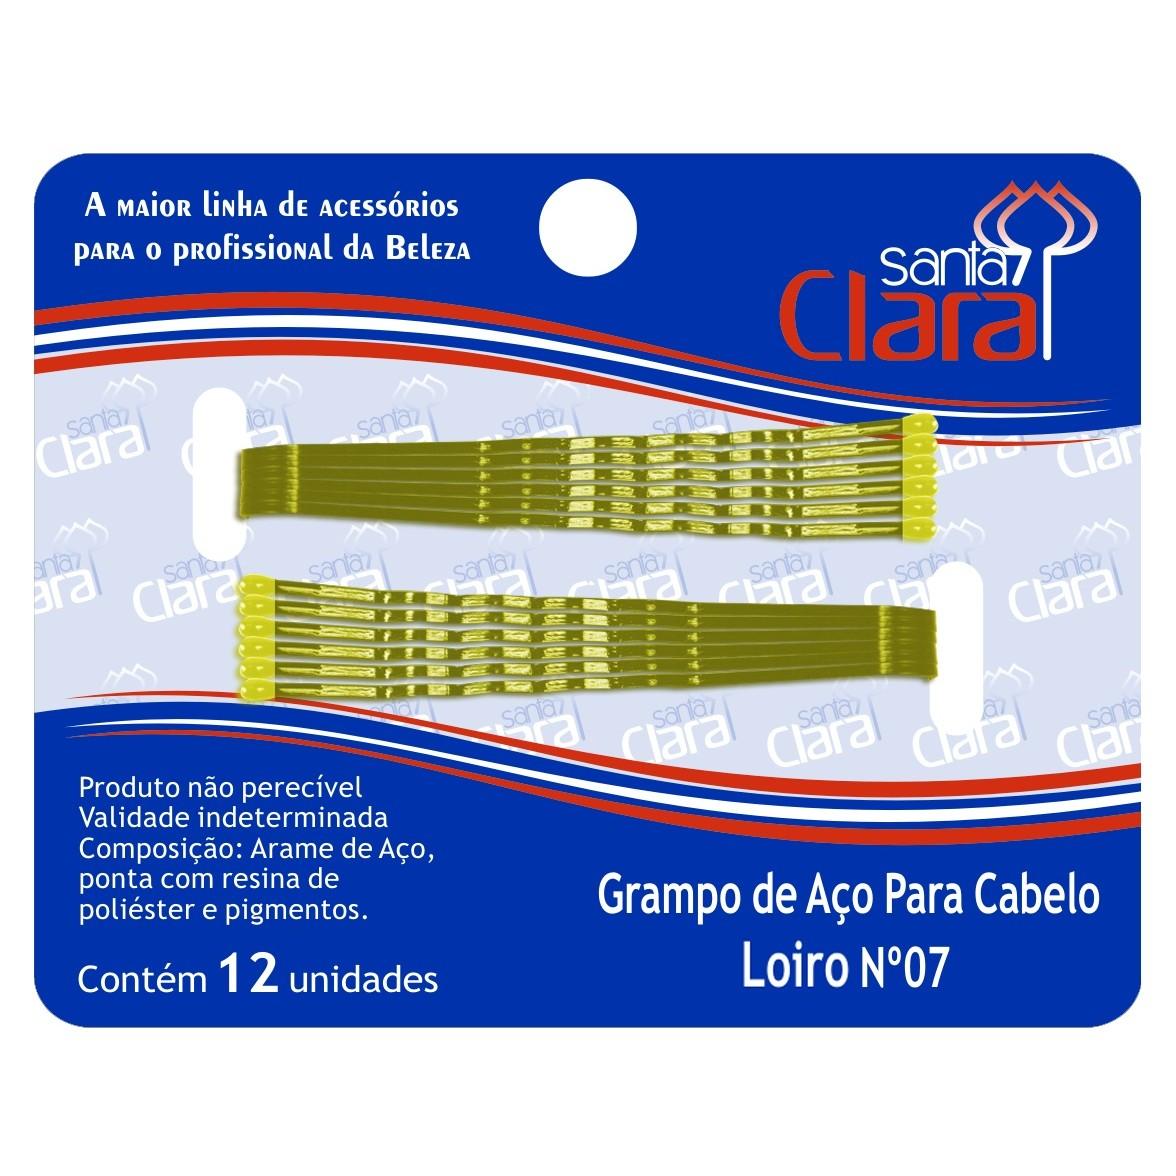 Grampo De Aço Para Cabelo Loiro N° 07 - 12 Unidades